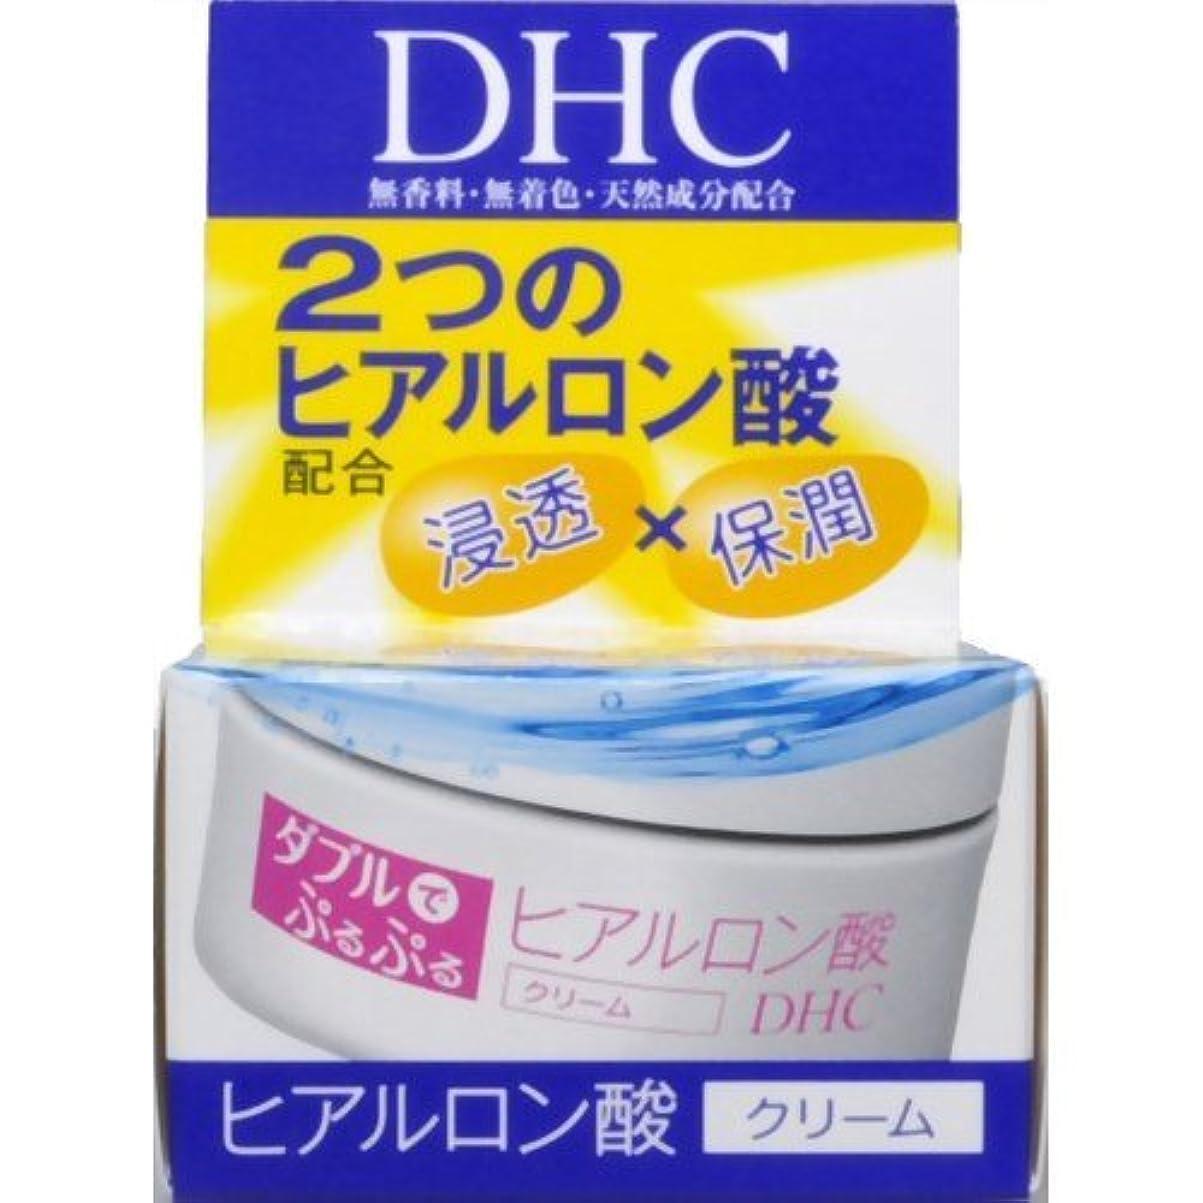 知覚的上陸太平洋諸島DHC ダブルモイスチュアクリーム 50g